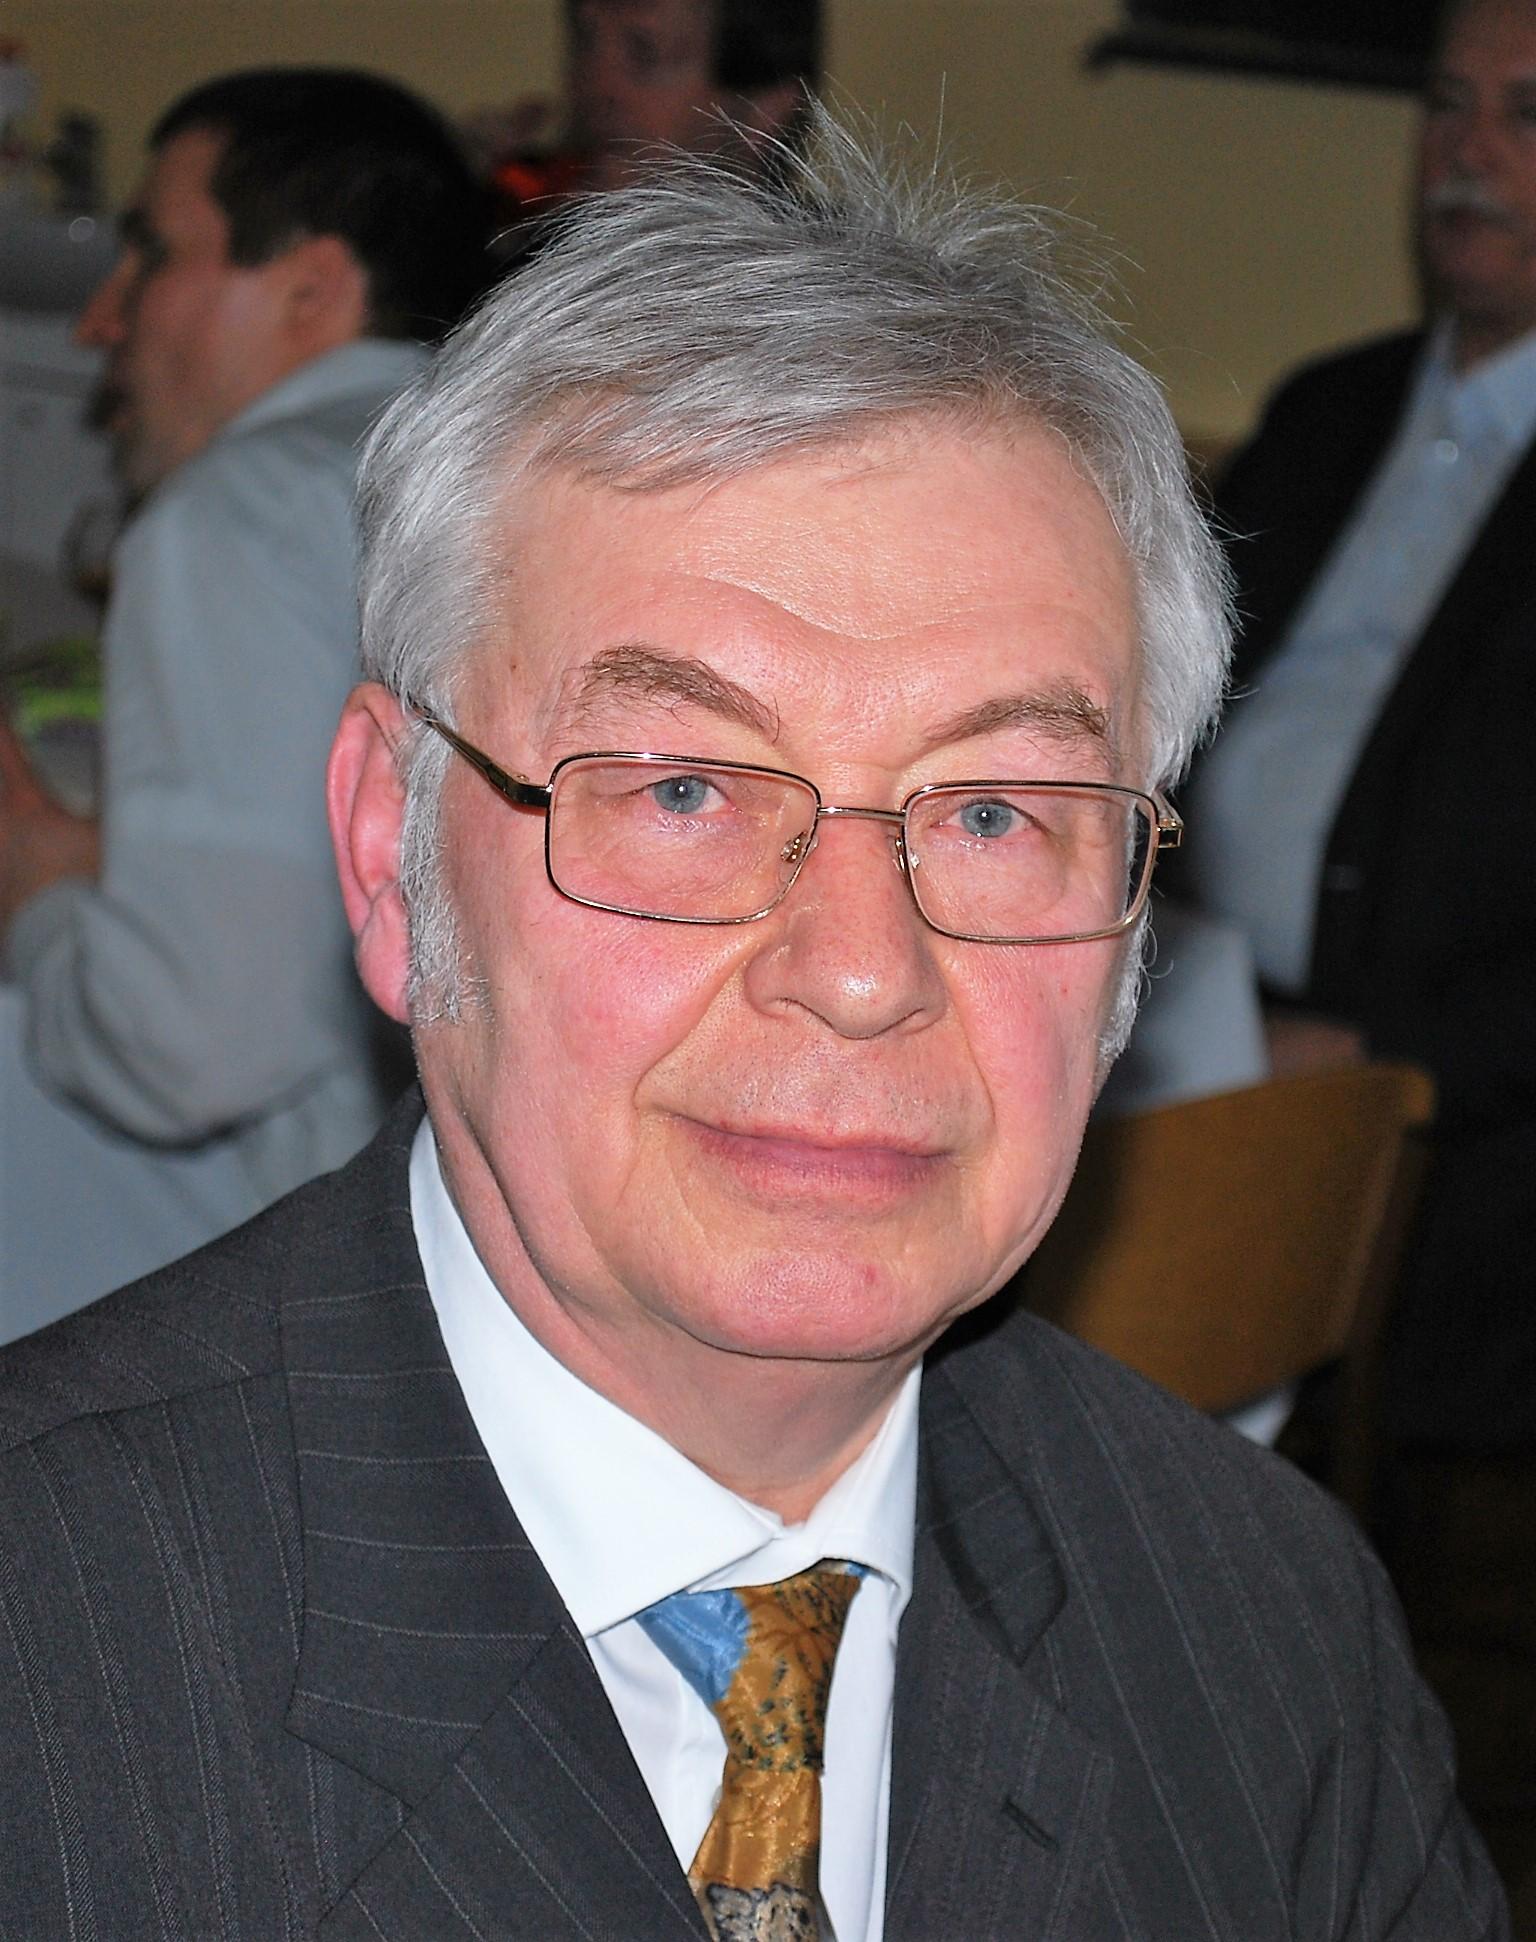 Arturs Medvids